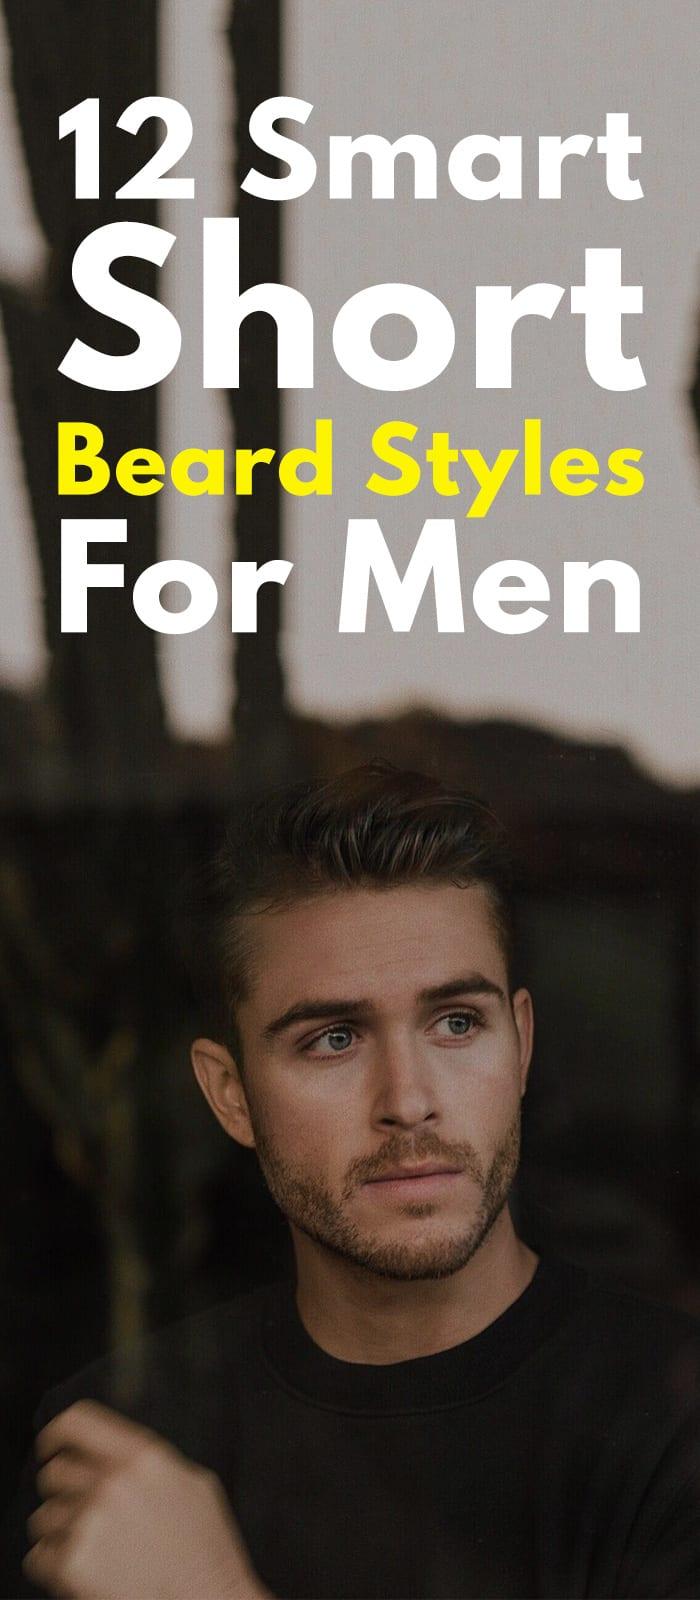 12 Smart Short Beard Styles For Men